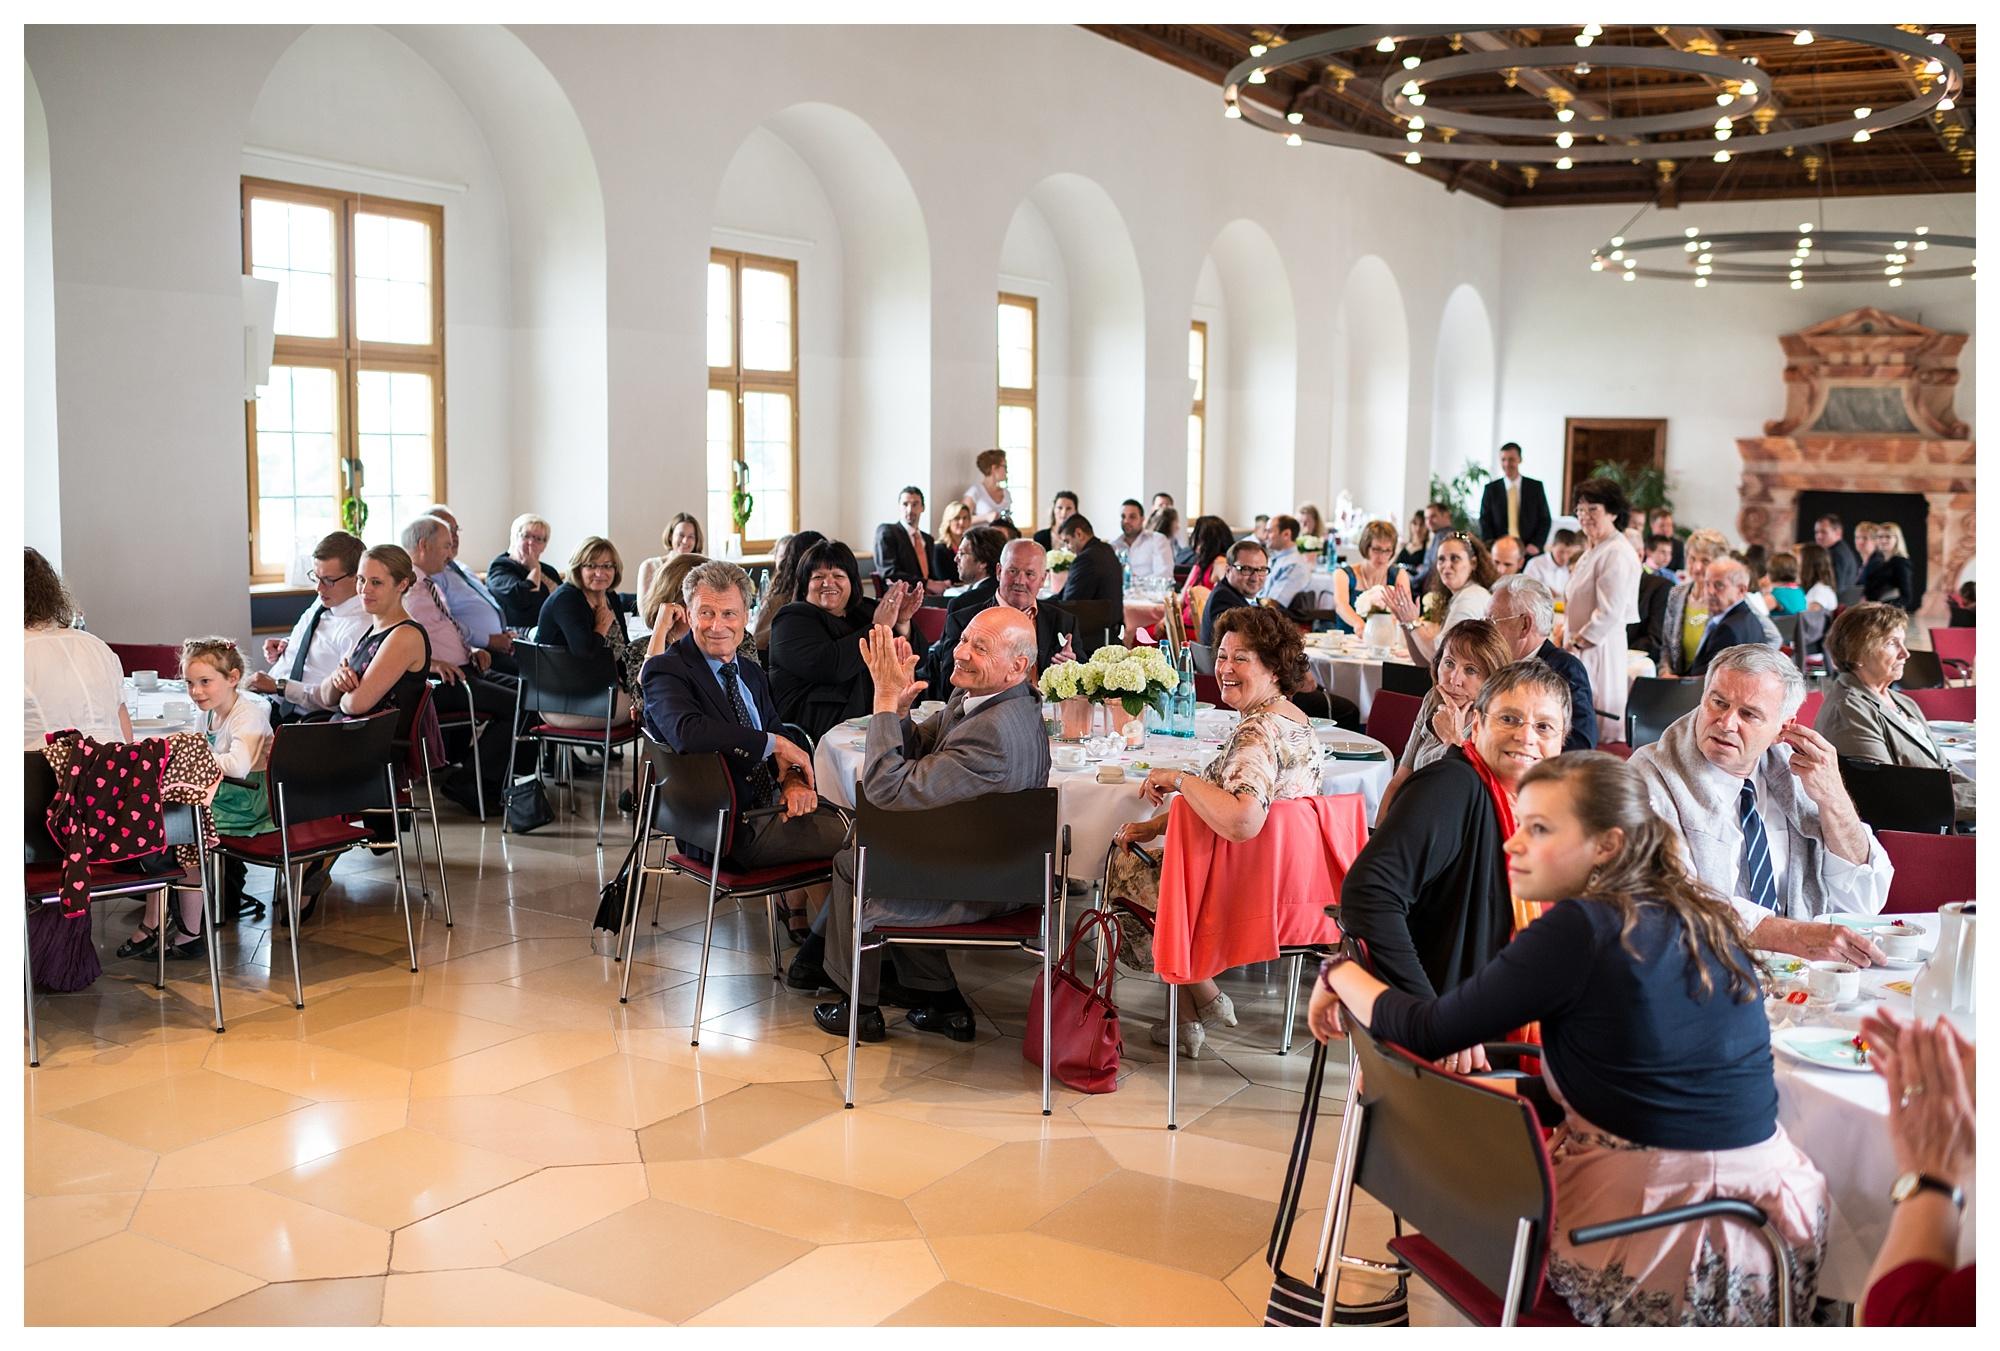 Fotograf Konstanz - Hochzeit Tanja Elmar Elmar Feuerbacher Photography Konstanz Messkirch Highlights 060 - Hochzeitsreportage von Tanja und Elmar im Schloss Meßkirch  - 163 -